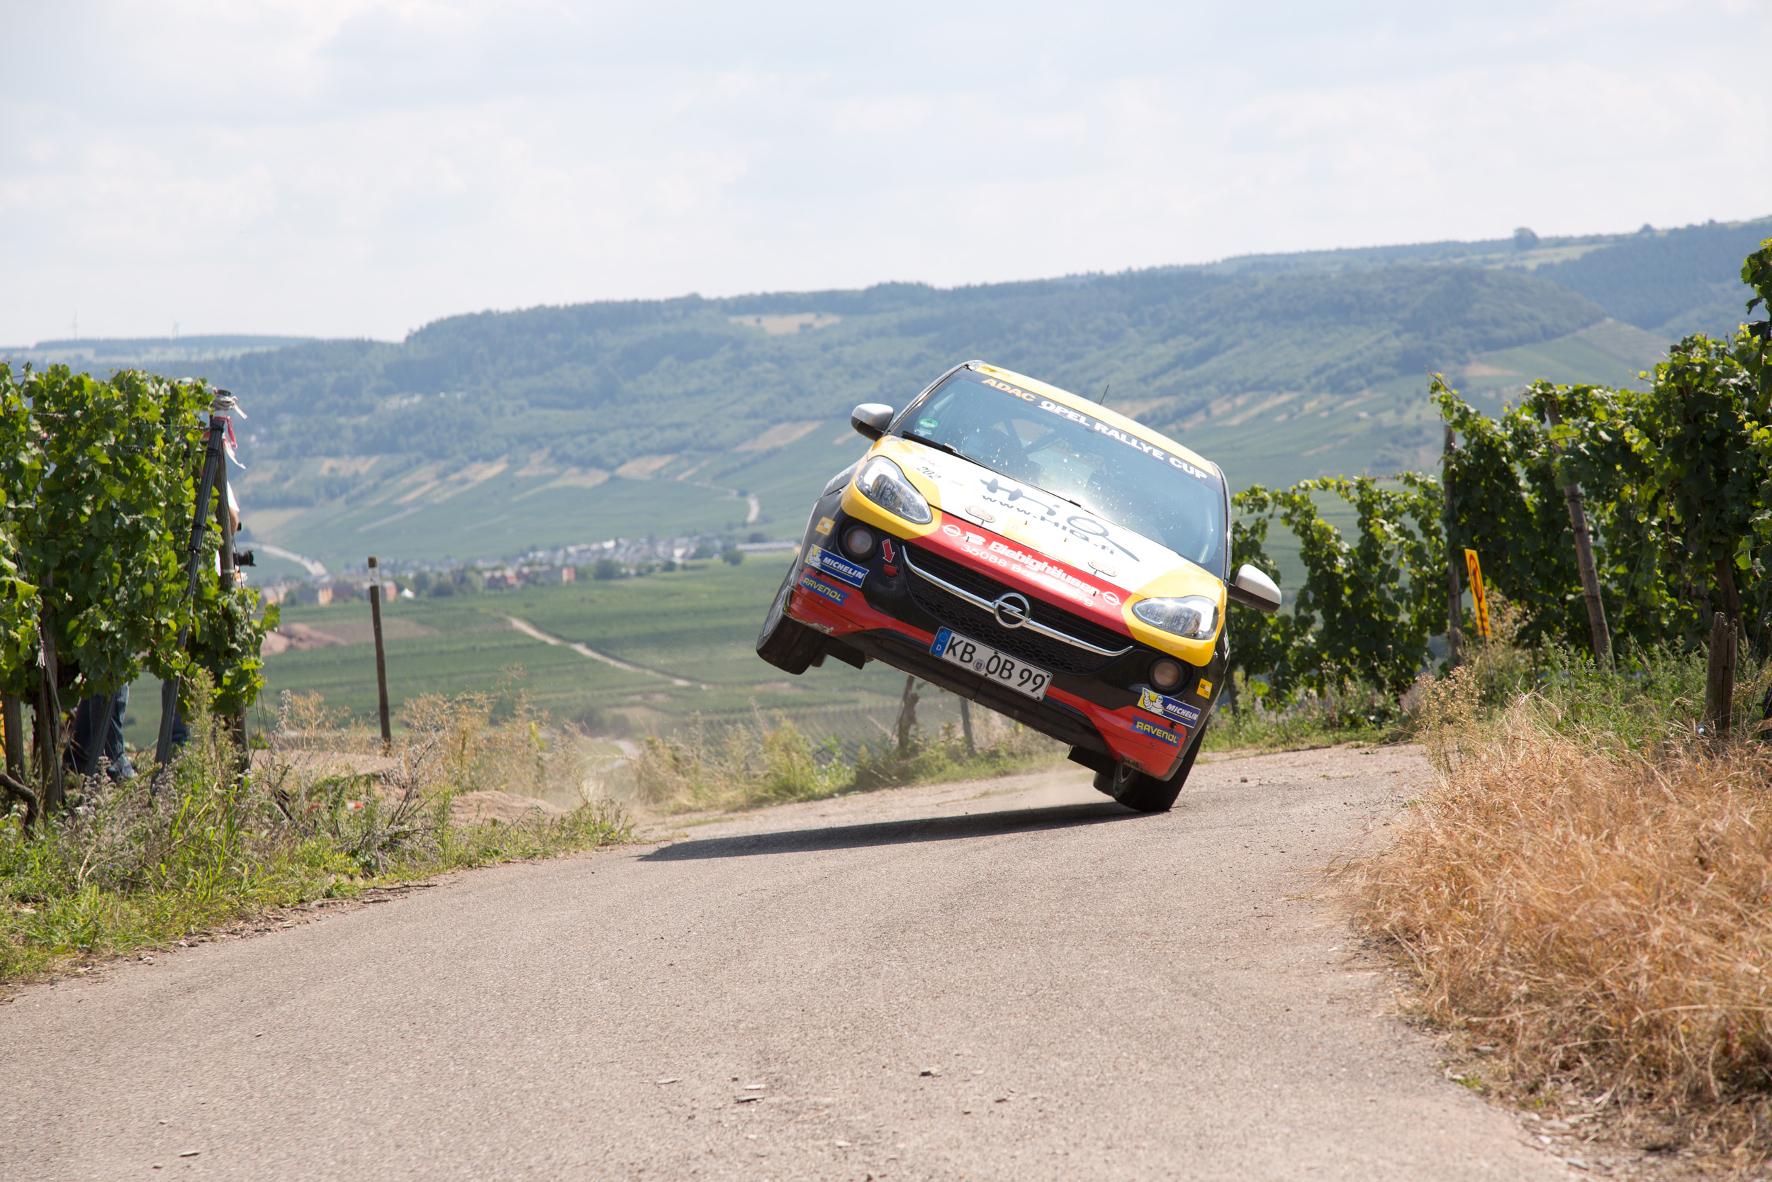 mid Groß-Gerau - Nicht zur Nachahmung empfohlen: Die Rallye-Talente zeigen im Opel Adam ihre Können.